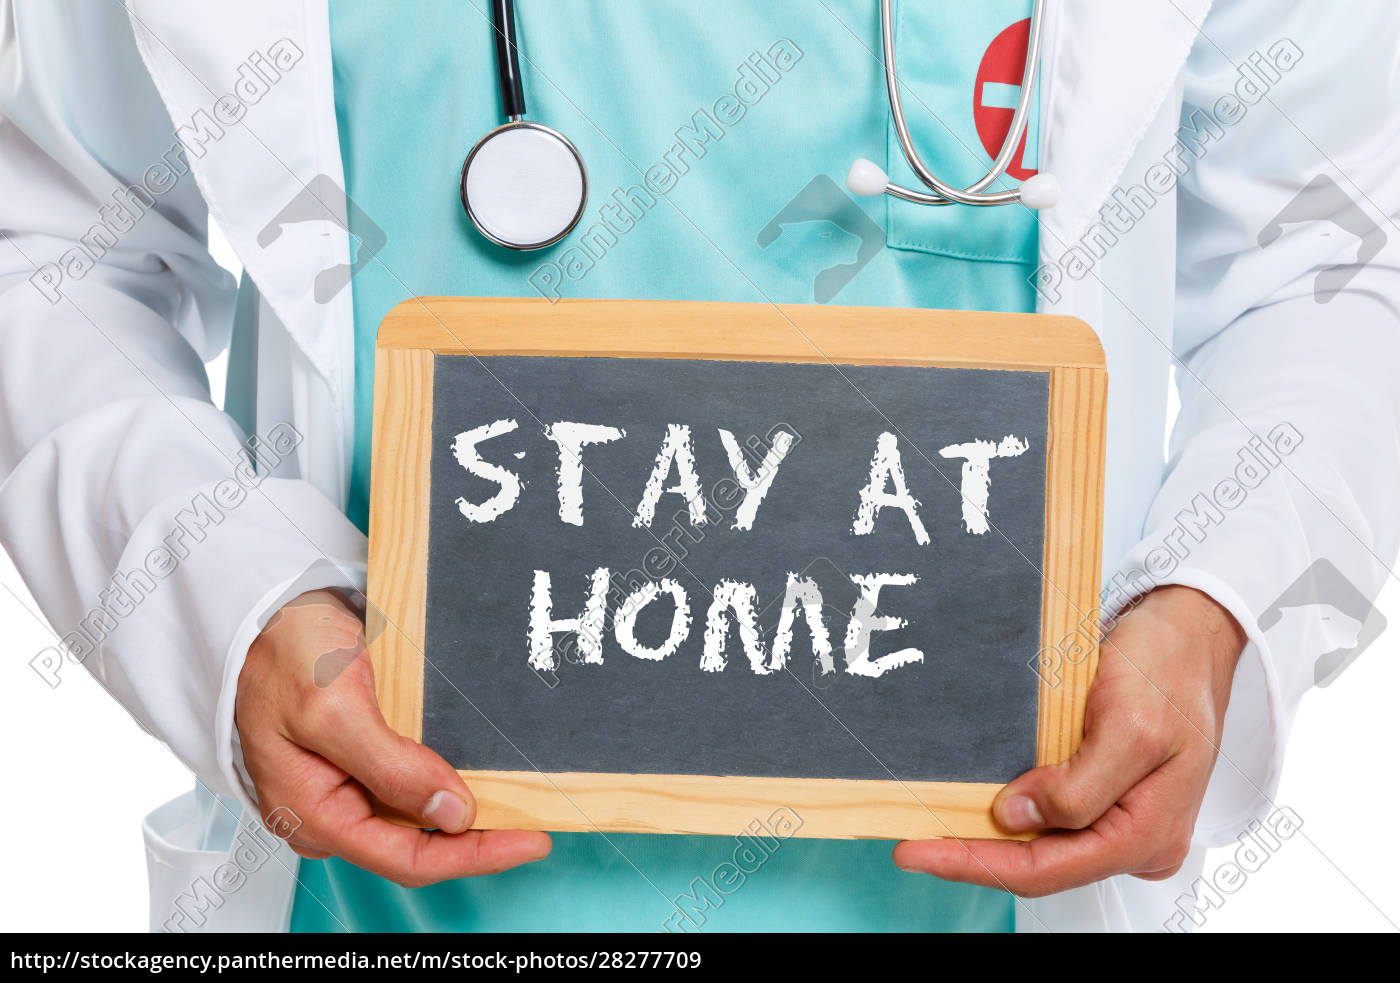 stay, at, home, corona, virus, coronavirus - 28277709